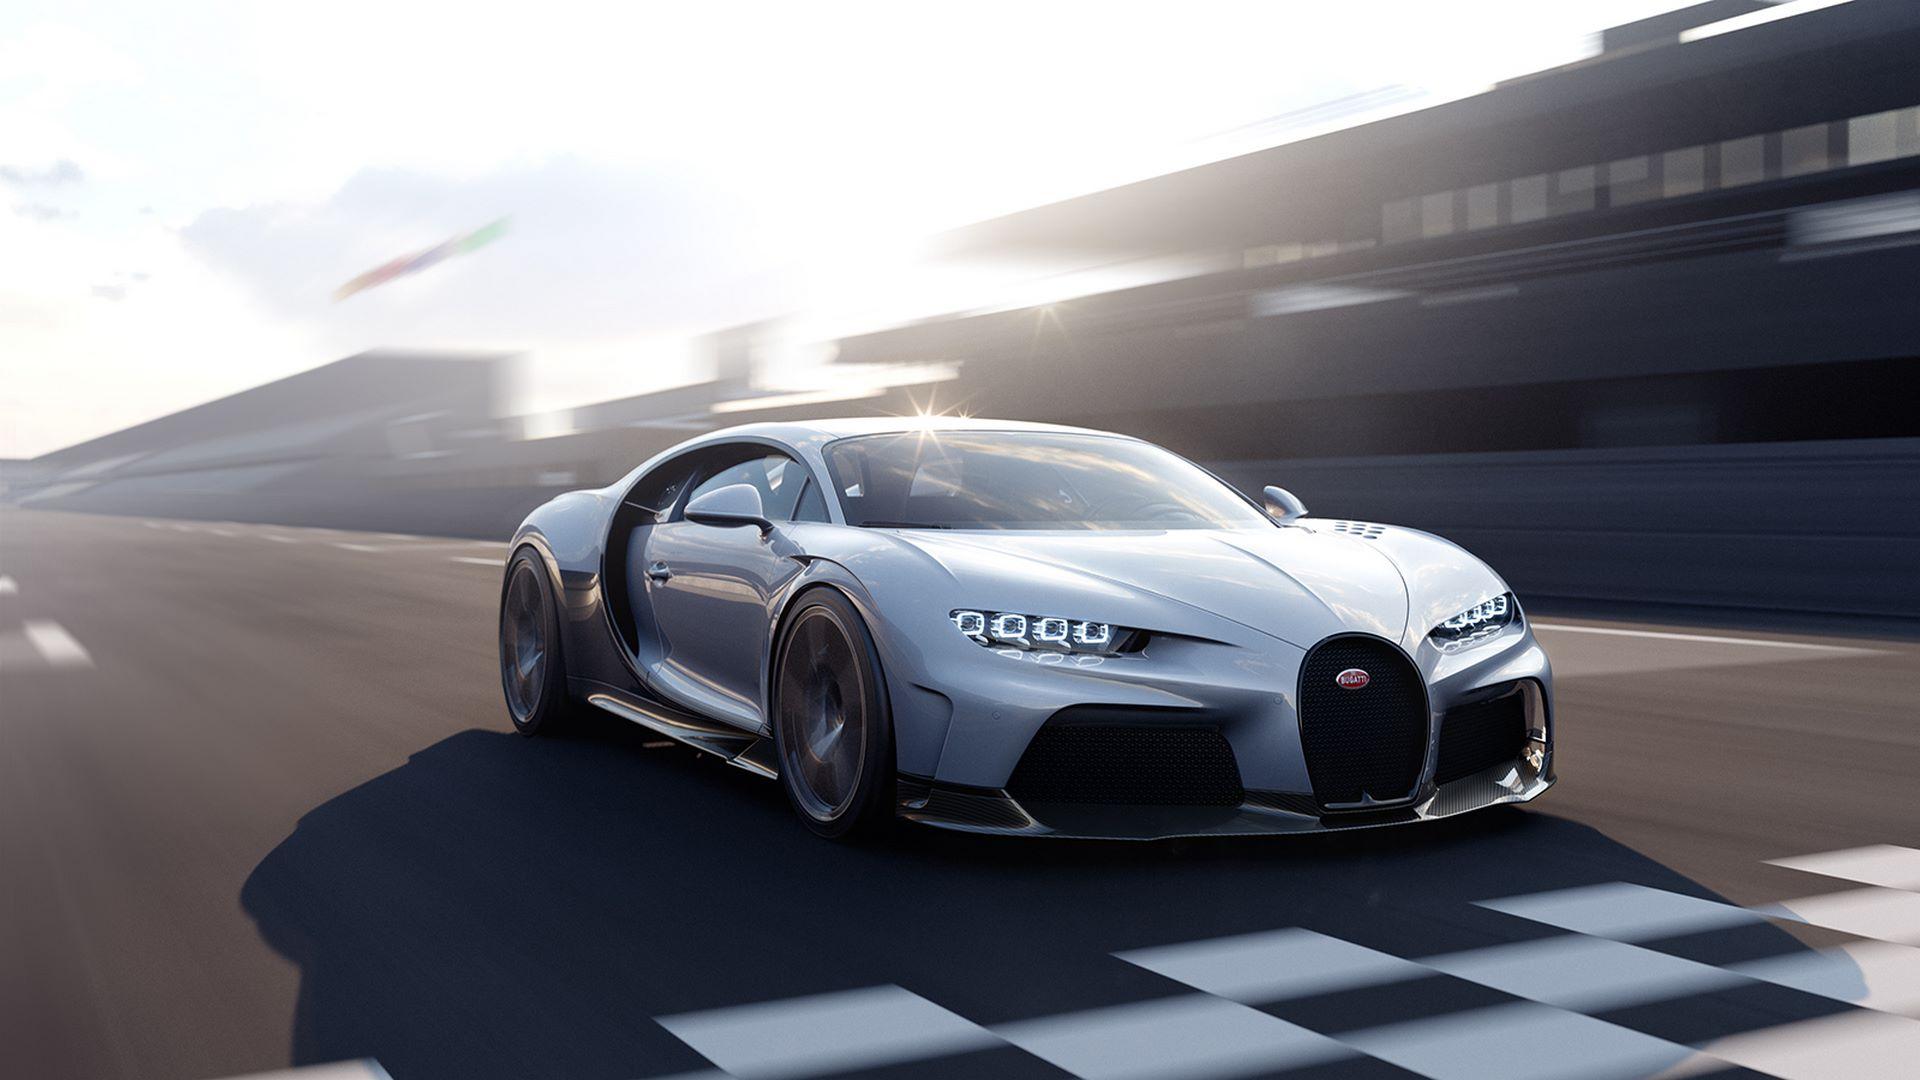 02_03_bugatti_chiron_super_sport_high_speed_front